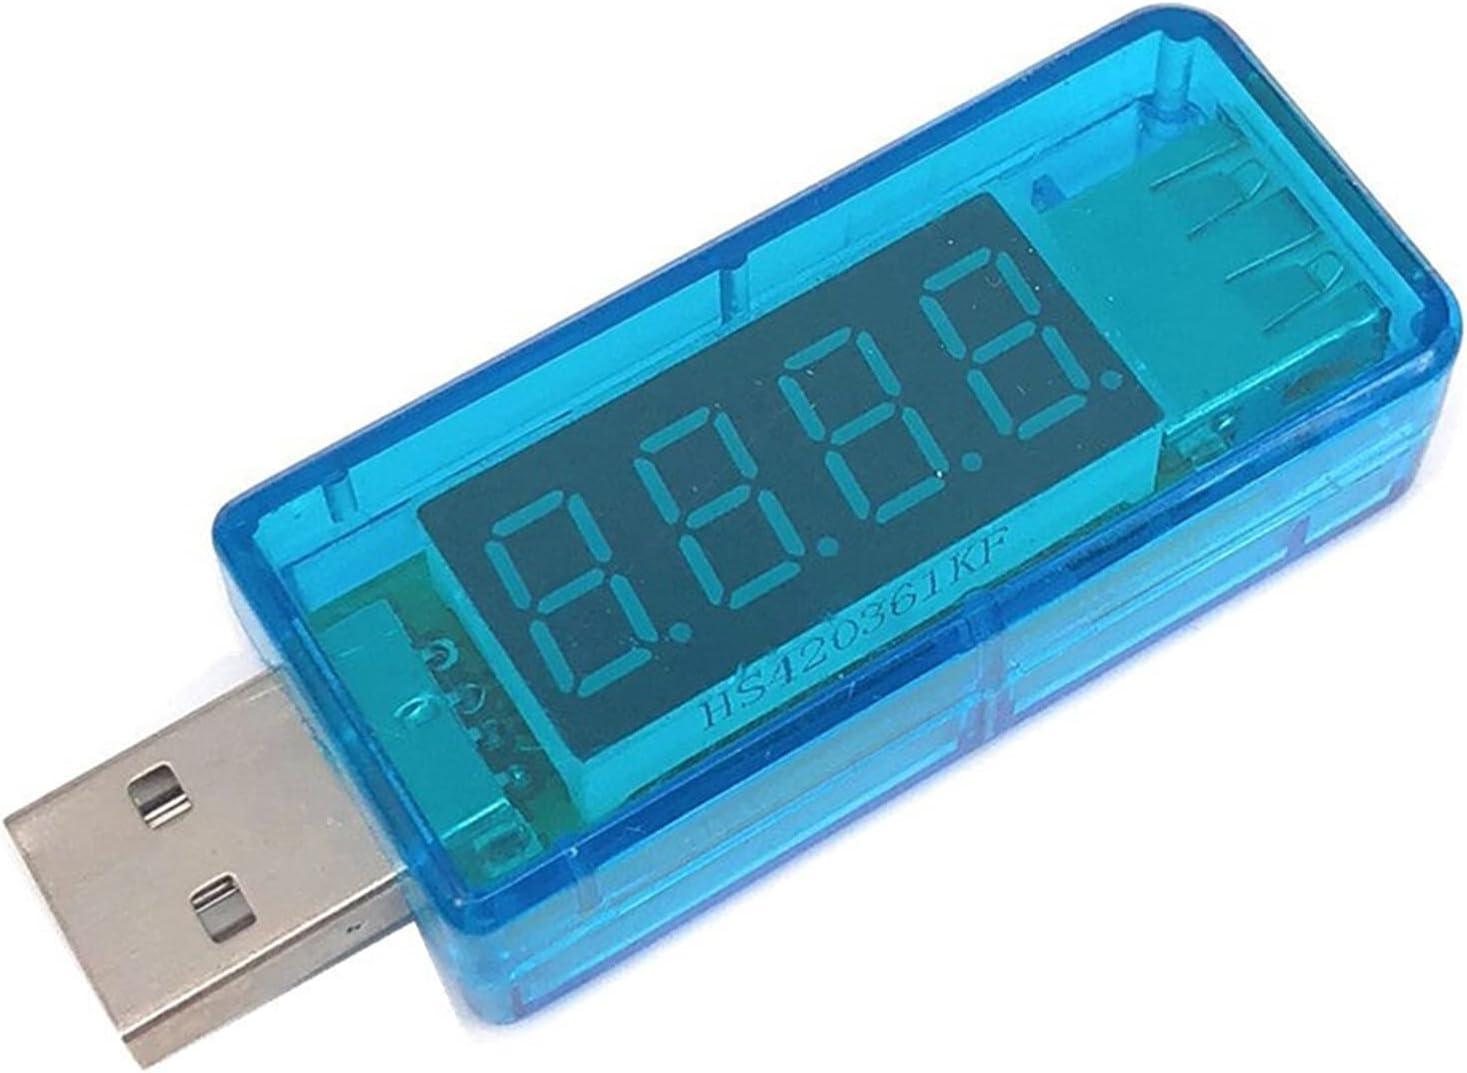 Universal Smart Electronics Digital USB Metros DE Persona DE Potencia MÓVIL TESTADOR DE Voltaje Mini Mini USB Cargador médico voltímetro amperímetro Multifunción (Color : 3)